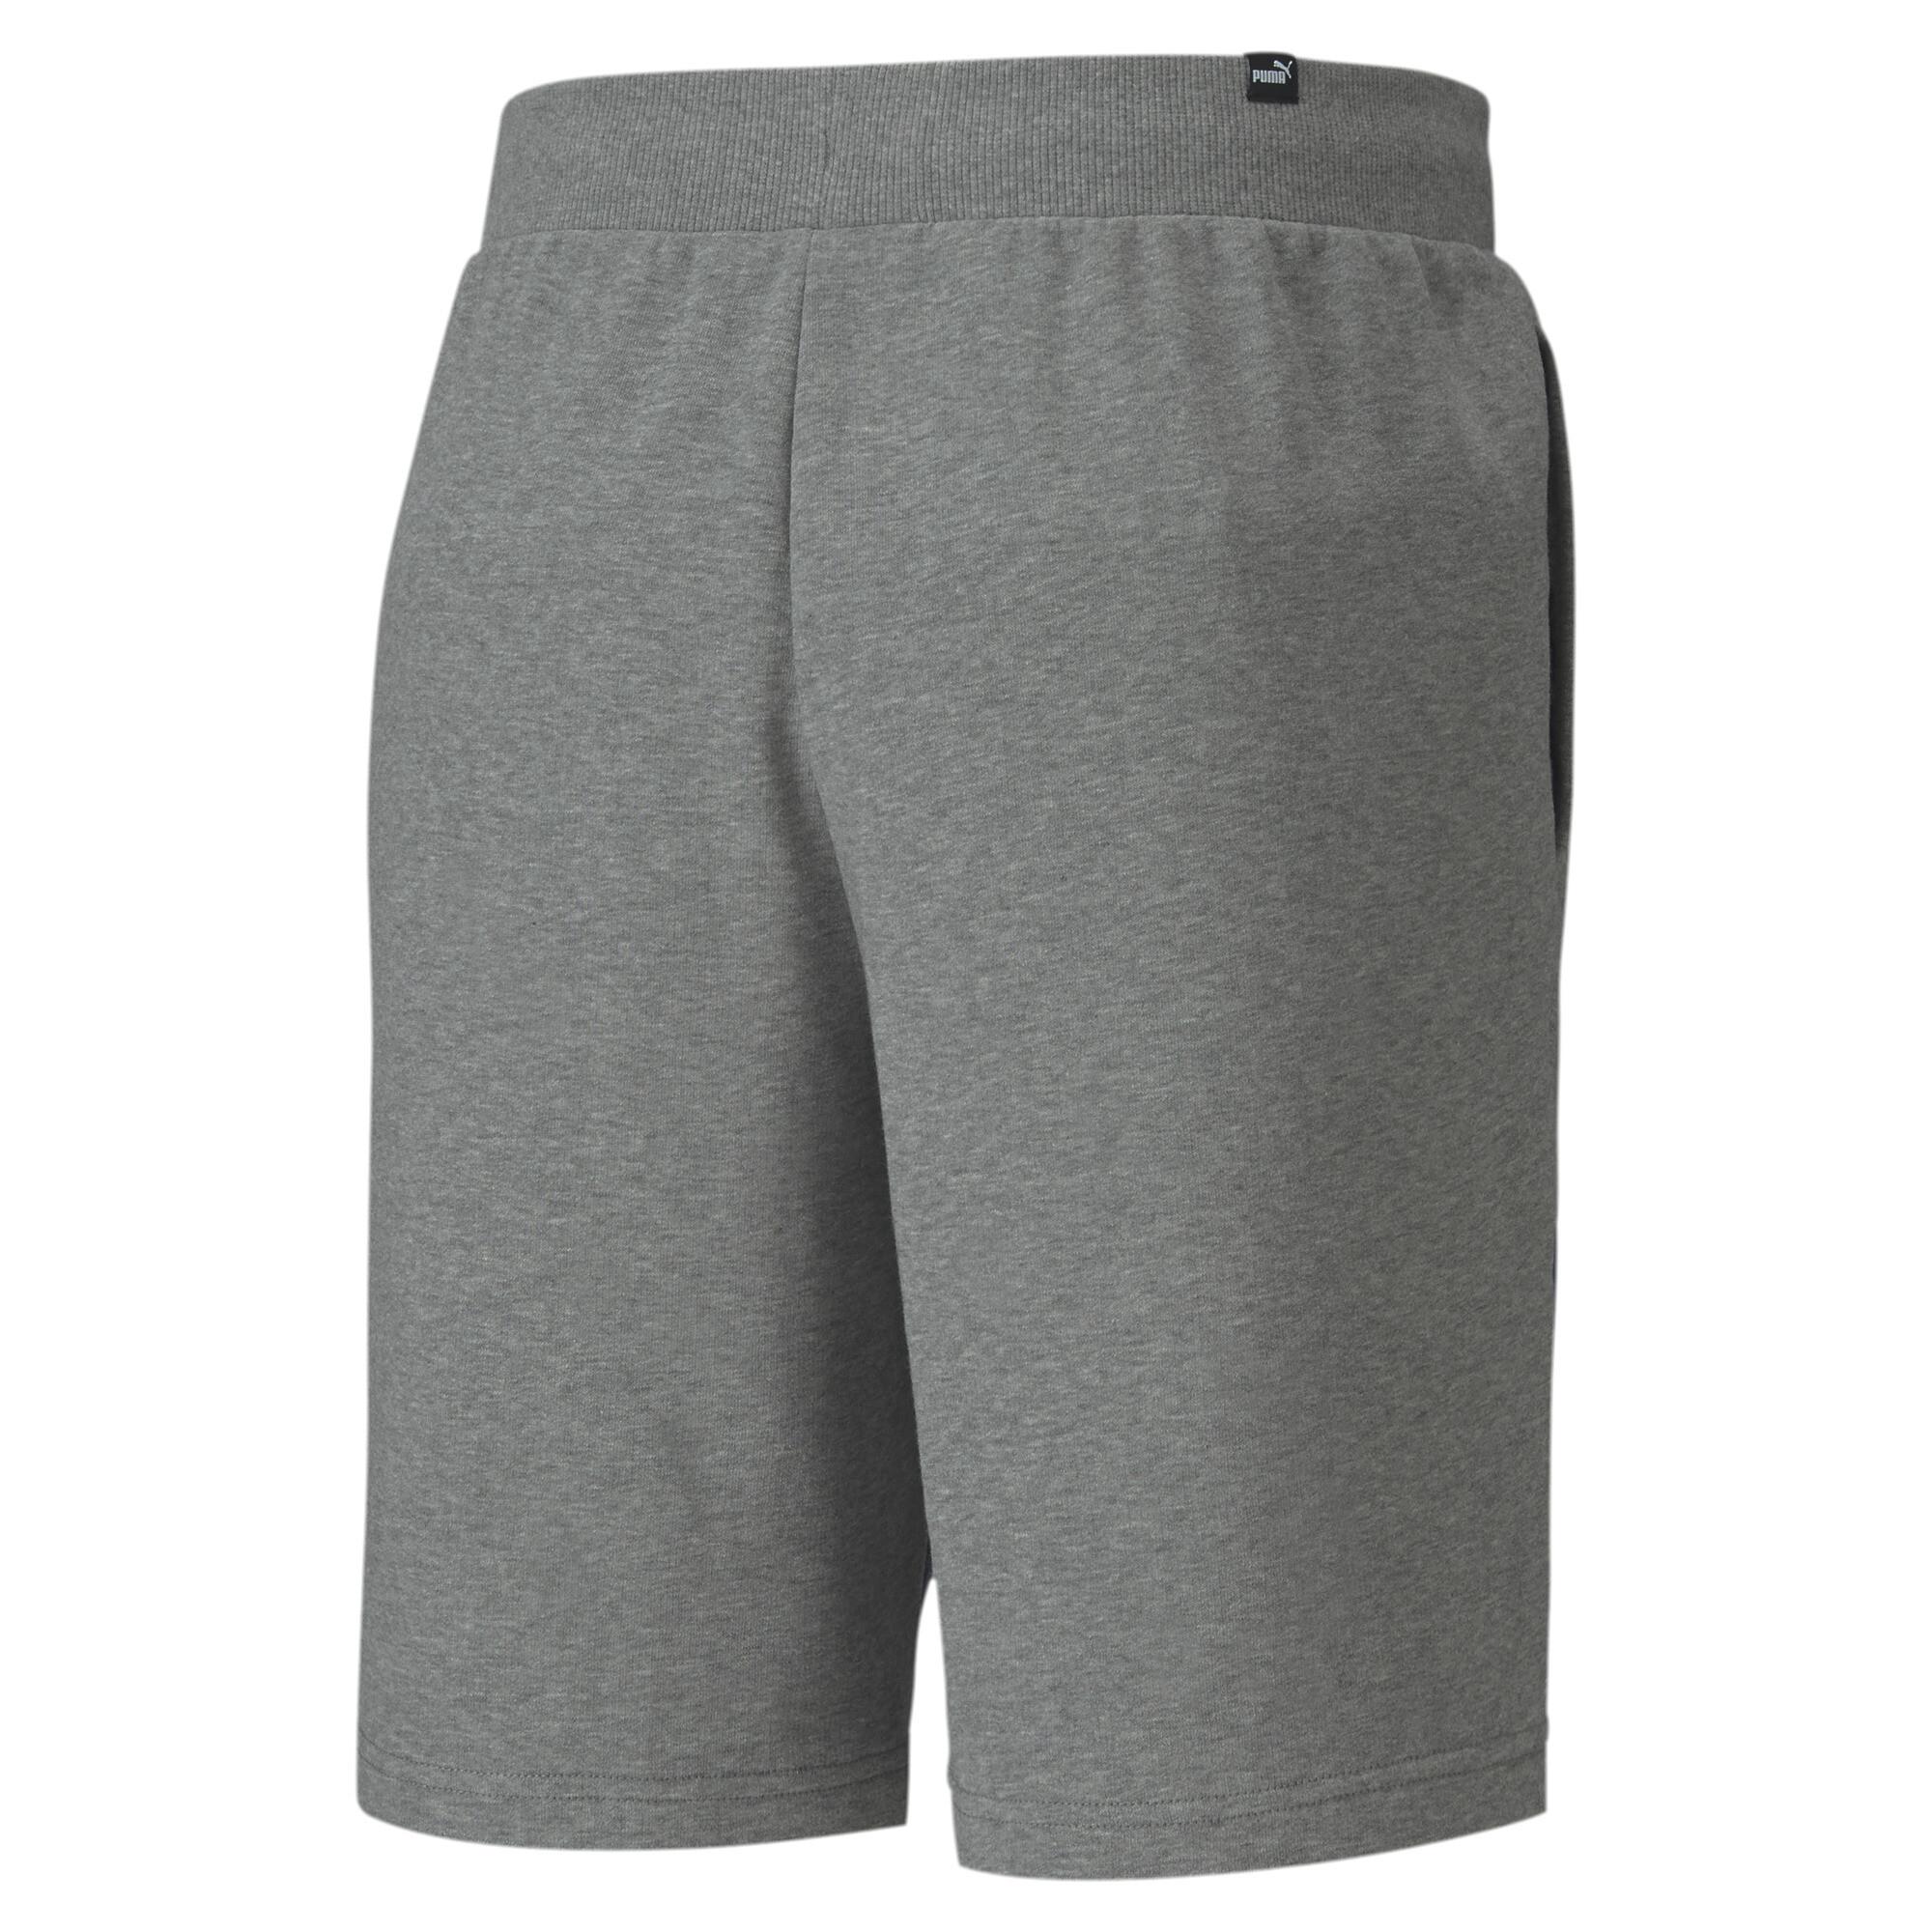 PUMA-Rebel-Block-Men-039-s-Shorts-Men-Knitted-Shorts-Basics thumbnail 8